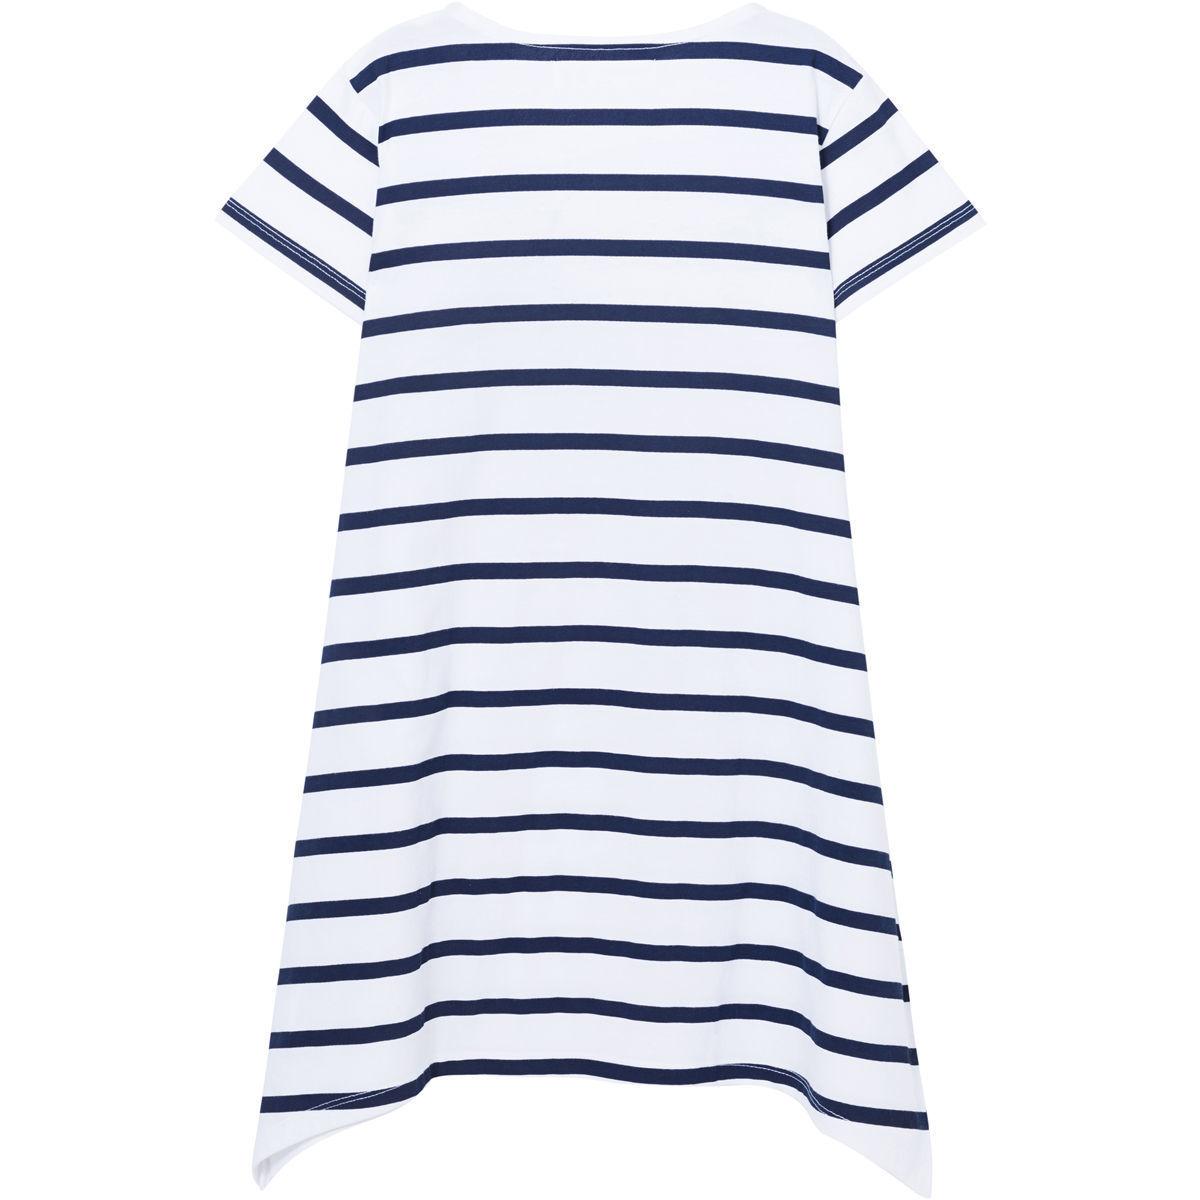 Bild 3 von Desigual Mädchen Shirt mit Wendepailletten